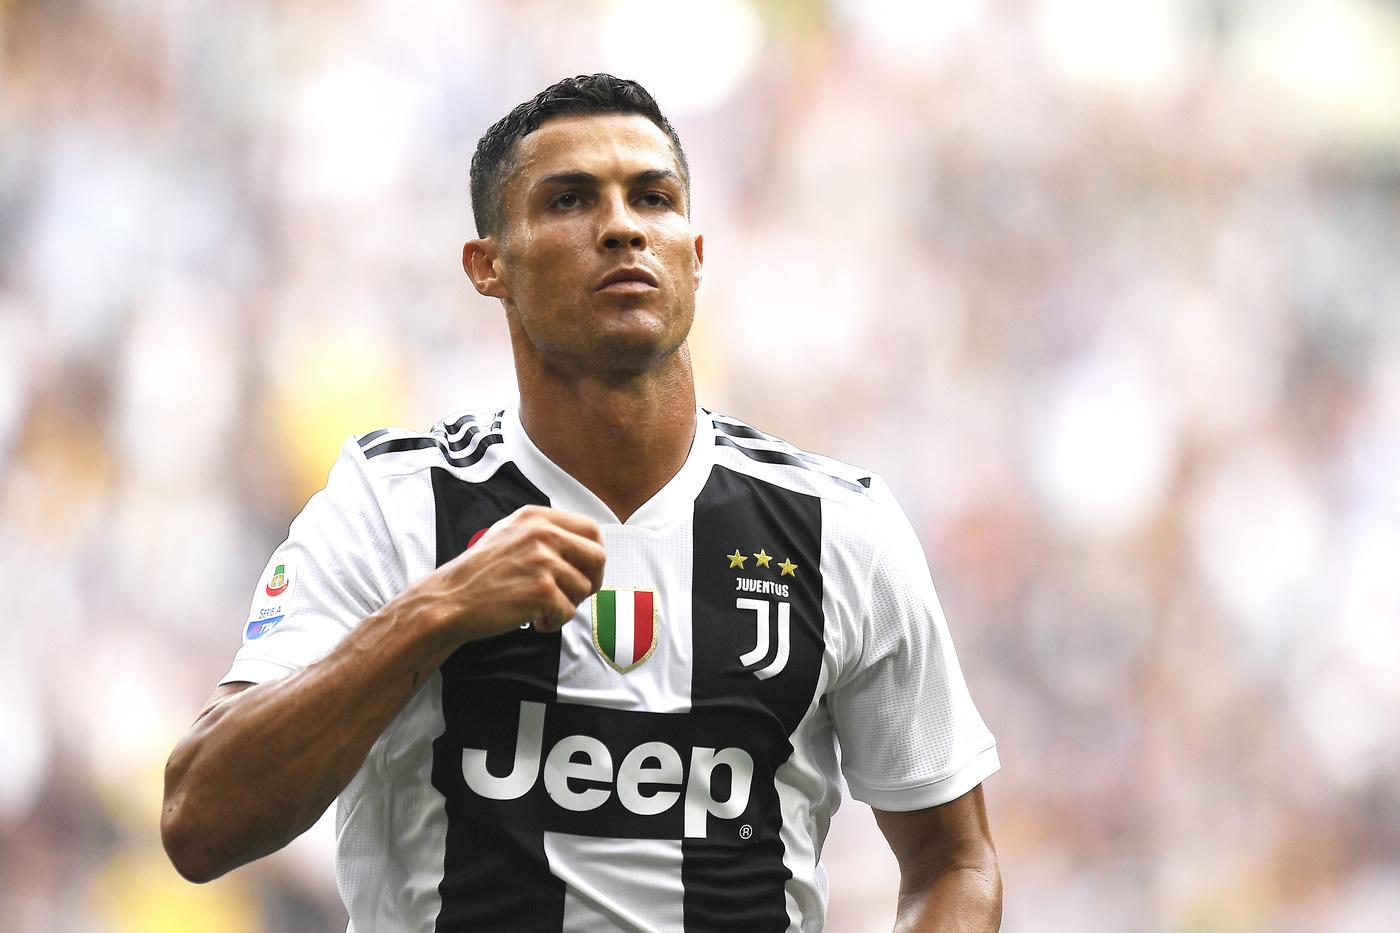 Juventus Cristiano Ronaldo Ha Dimostrato Di Essere Umano